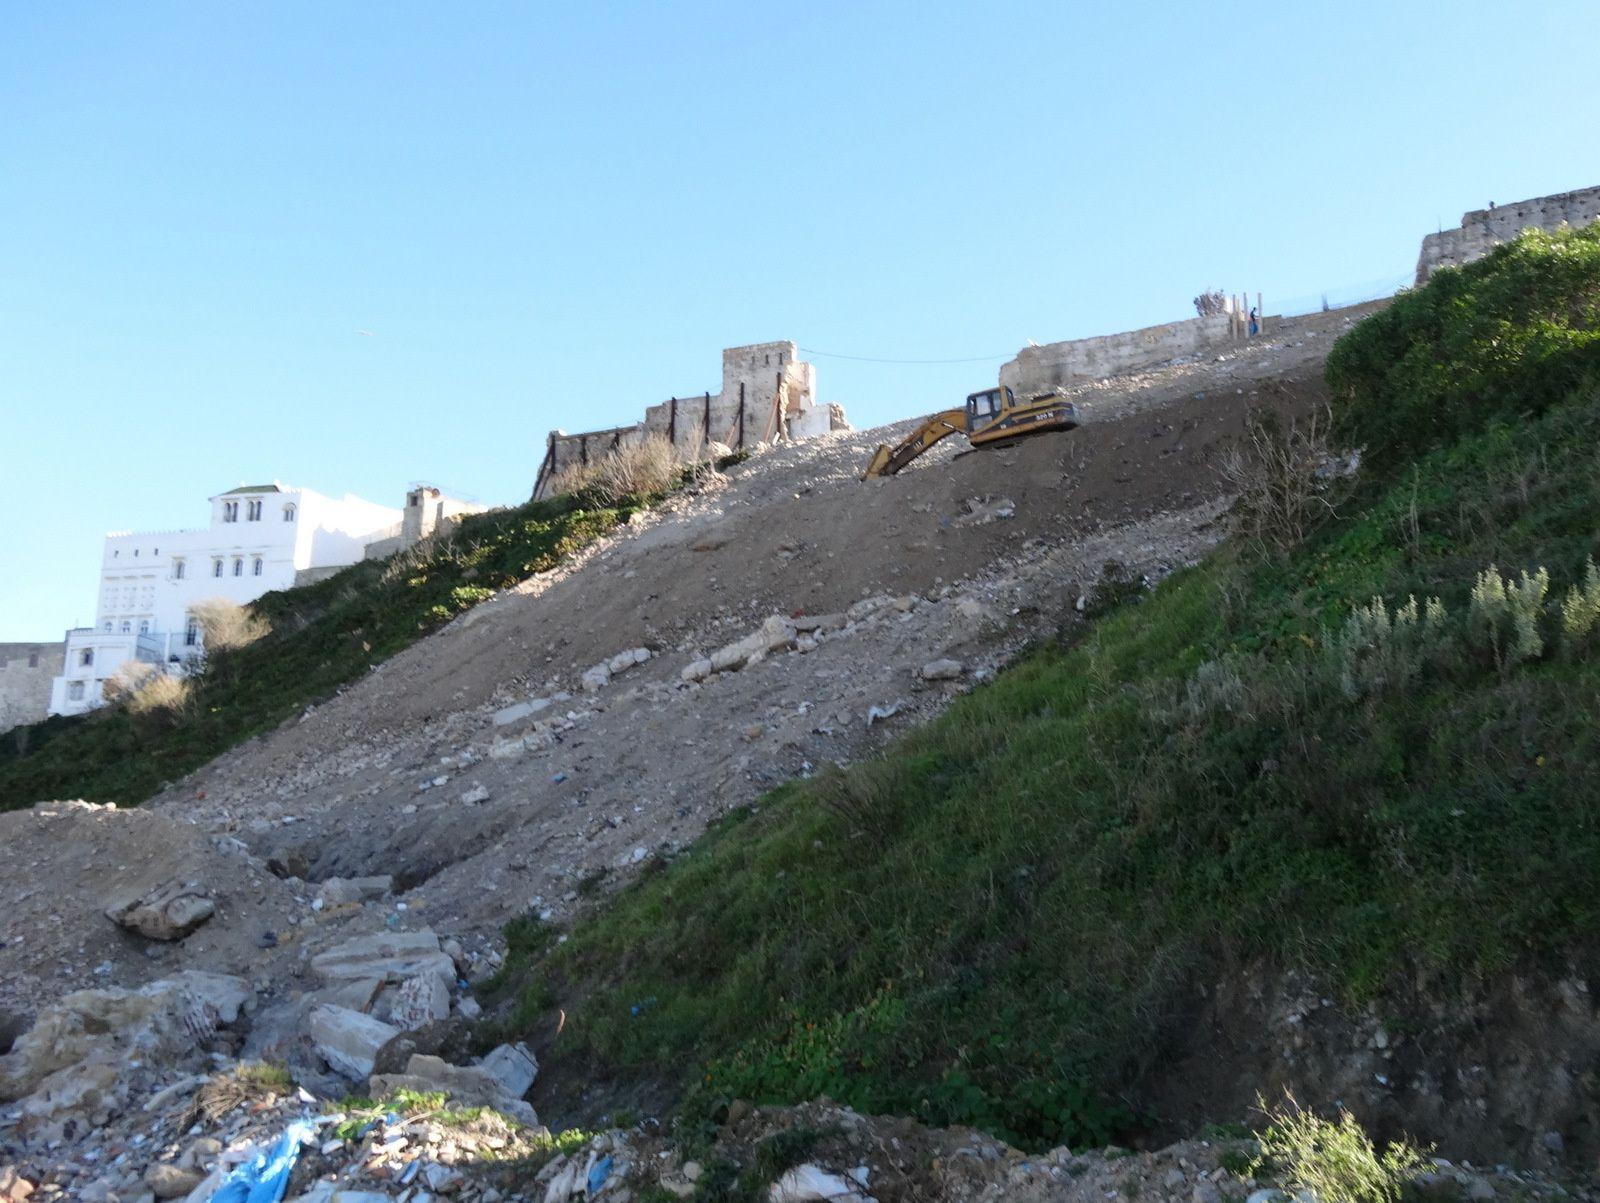 L'arrivée dans la Kasbah du projet de téléphérique de Tanger